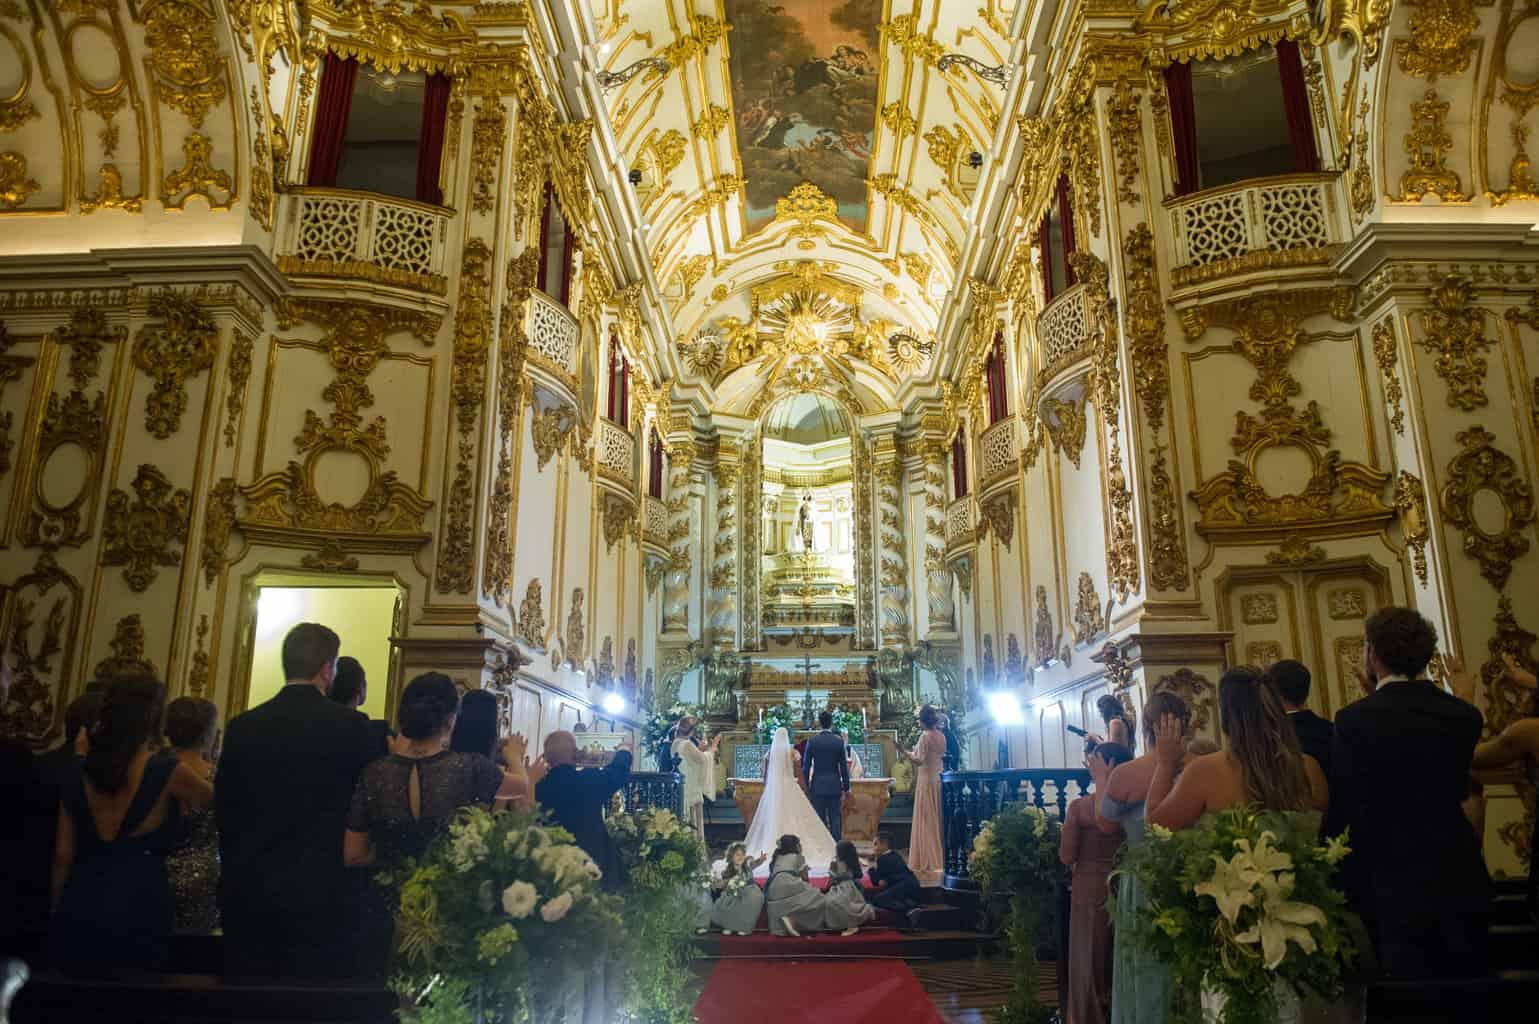 casamenot-Carolina-e-Thiago-casamento-clássico-Rio-de-Janeiro-Fotografia-Marina-Fava4